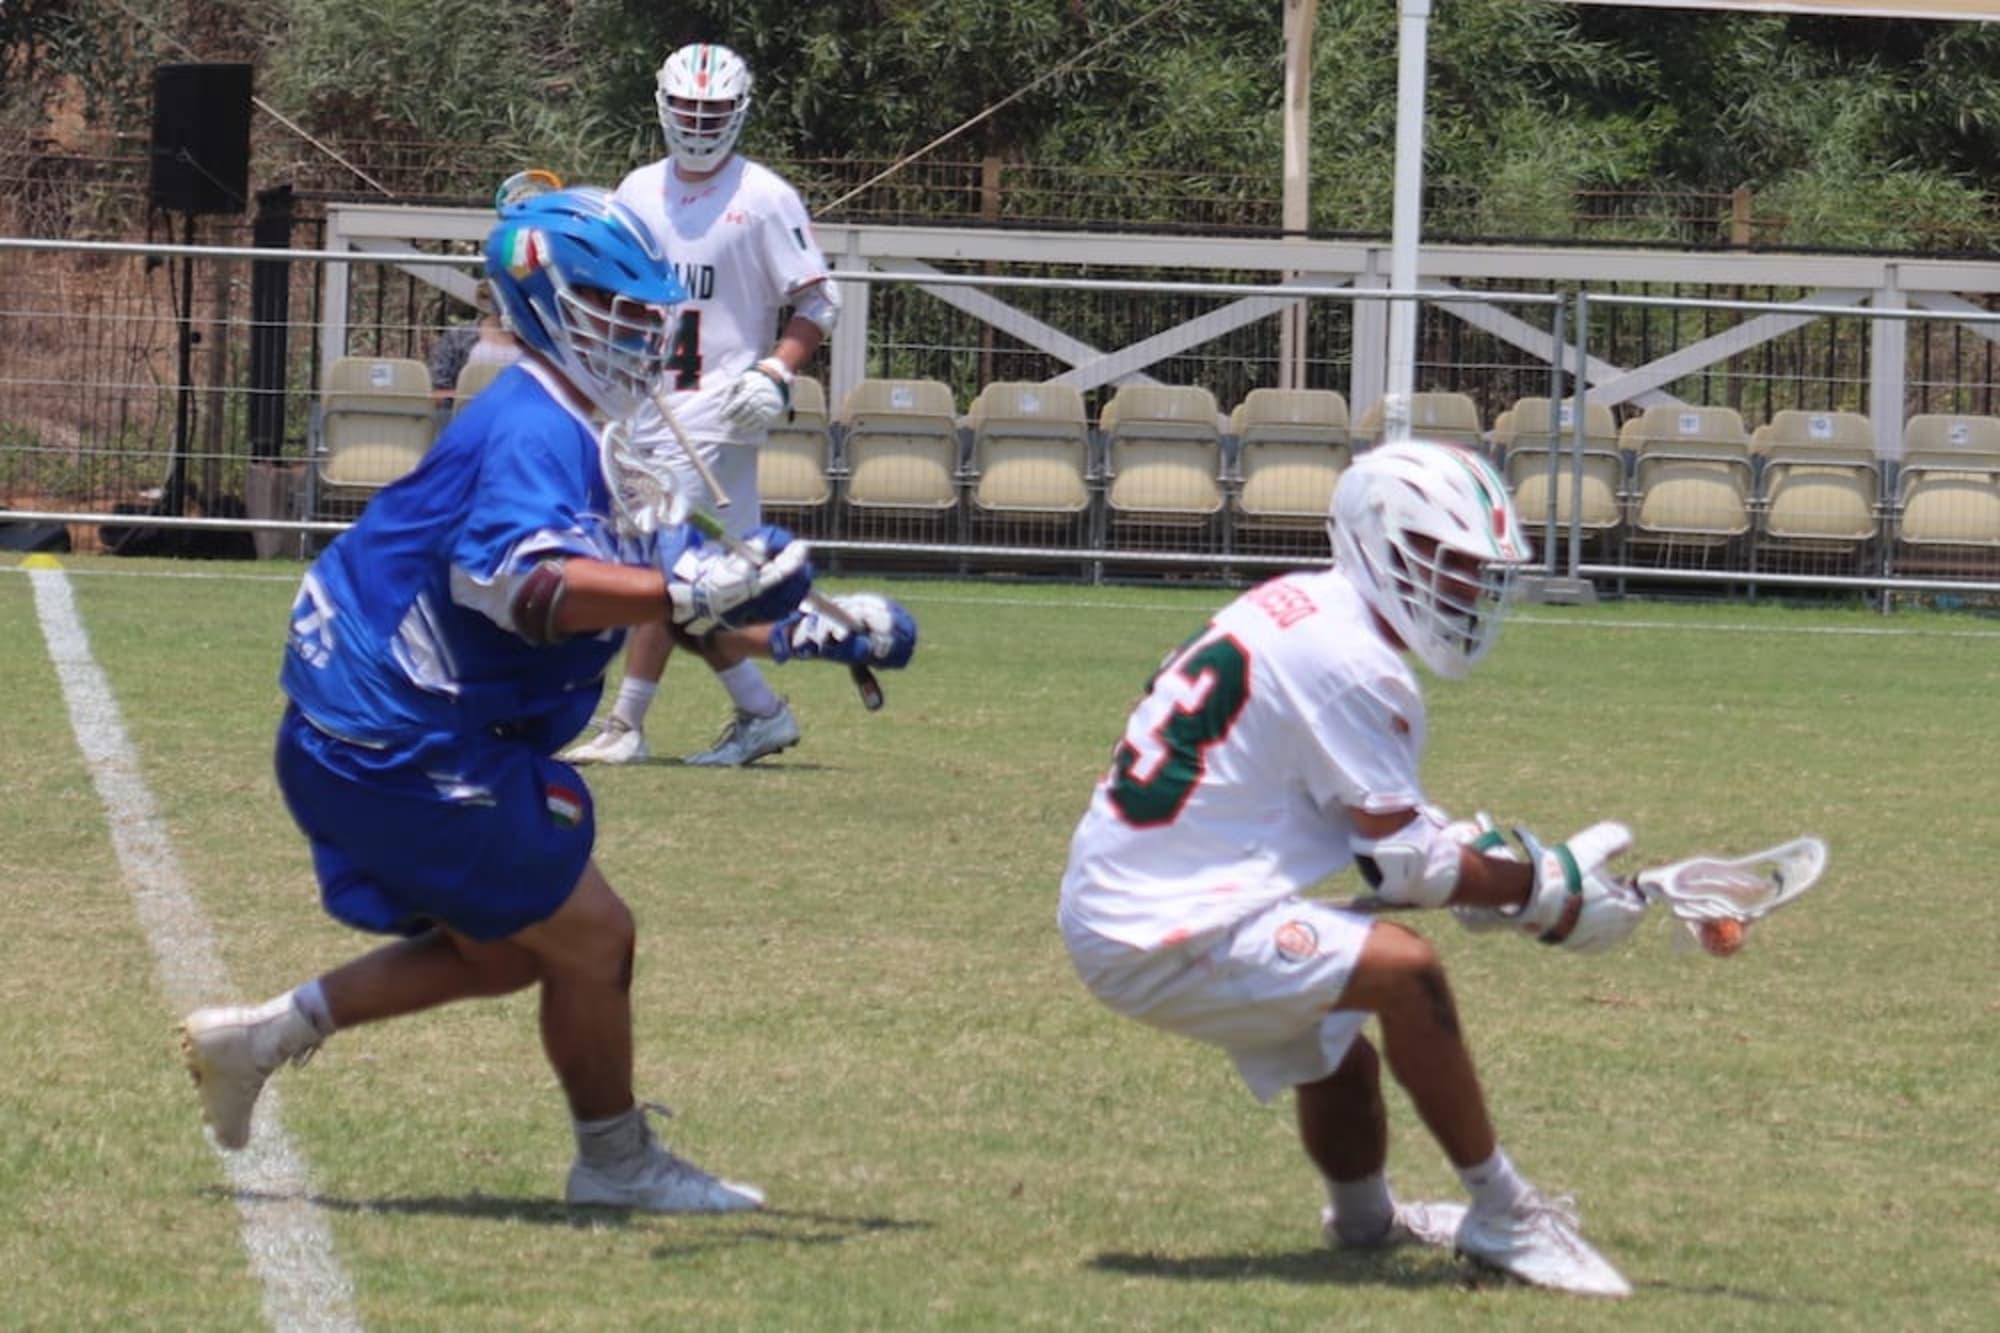 Kris Alleyne Photo: Anne Evans / MLL Major League Lacrosse